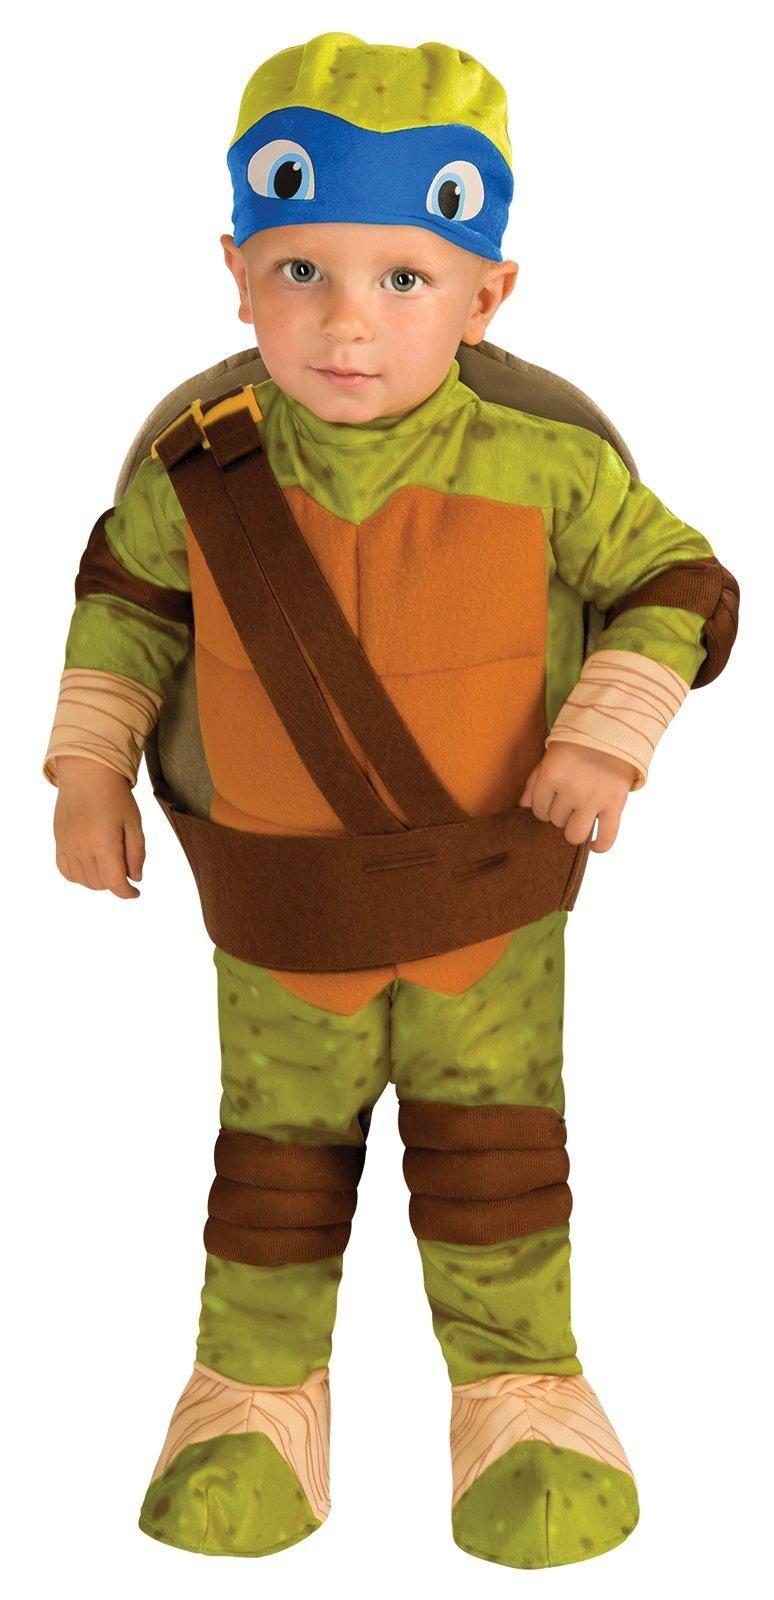 Teenage Mutant Ninja Turtle - Leonardo Toddler Costume from Buycostumes.com  sc 1 st  Pinterest & Leonardo Toddler Ninja Turtles Costume | Pinterest | Ninja turtle ...